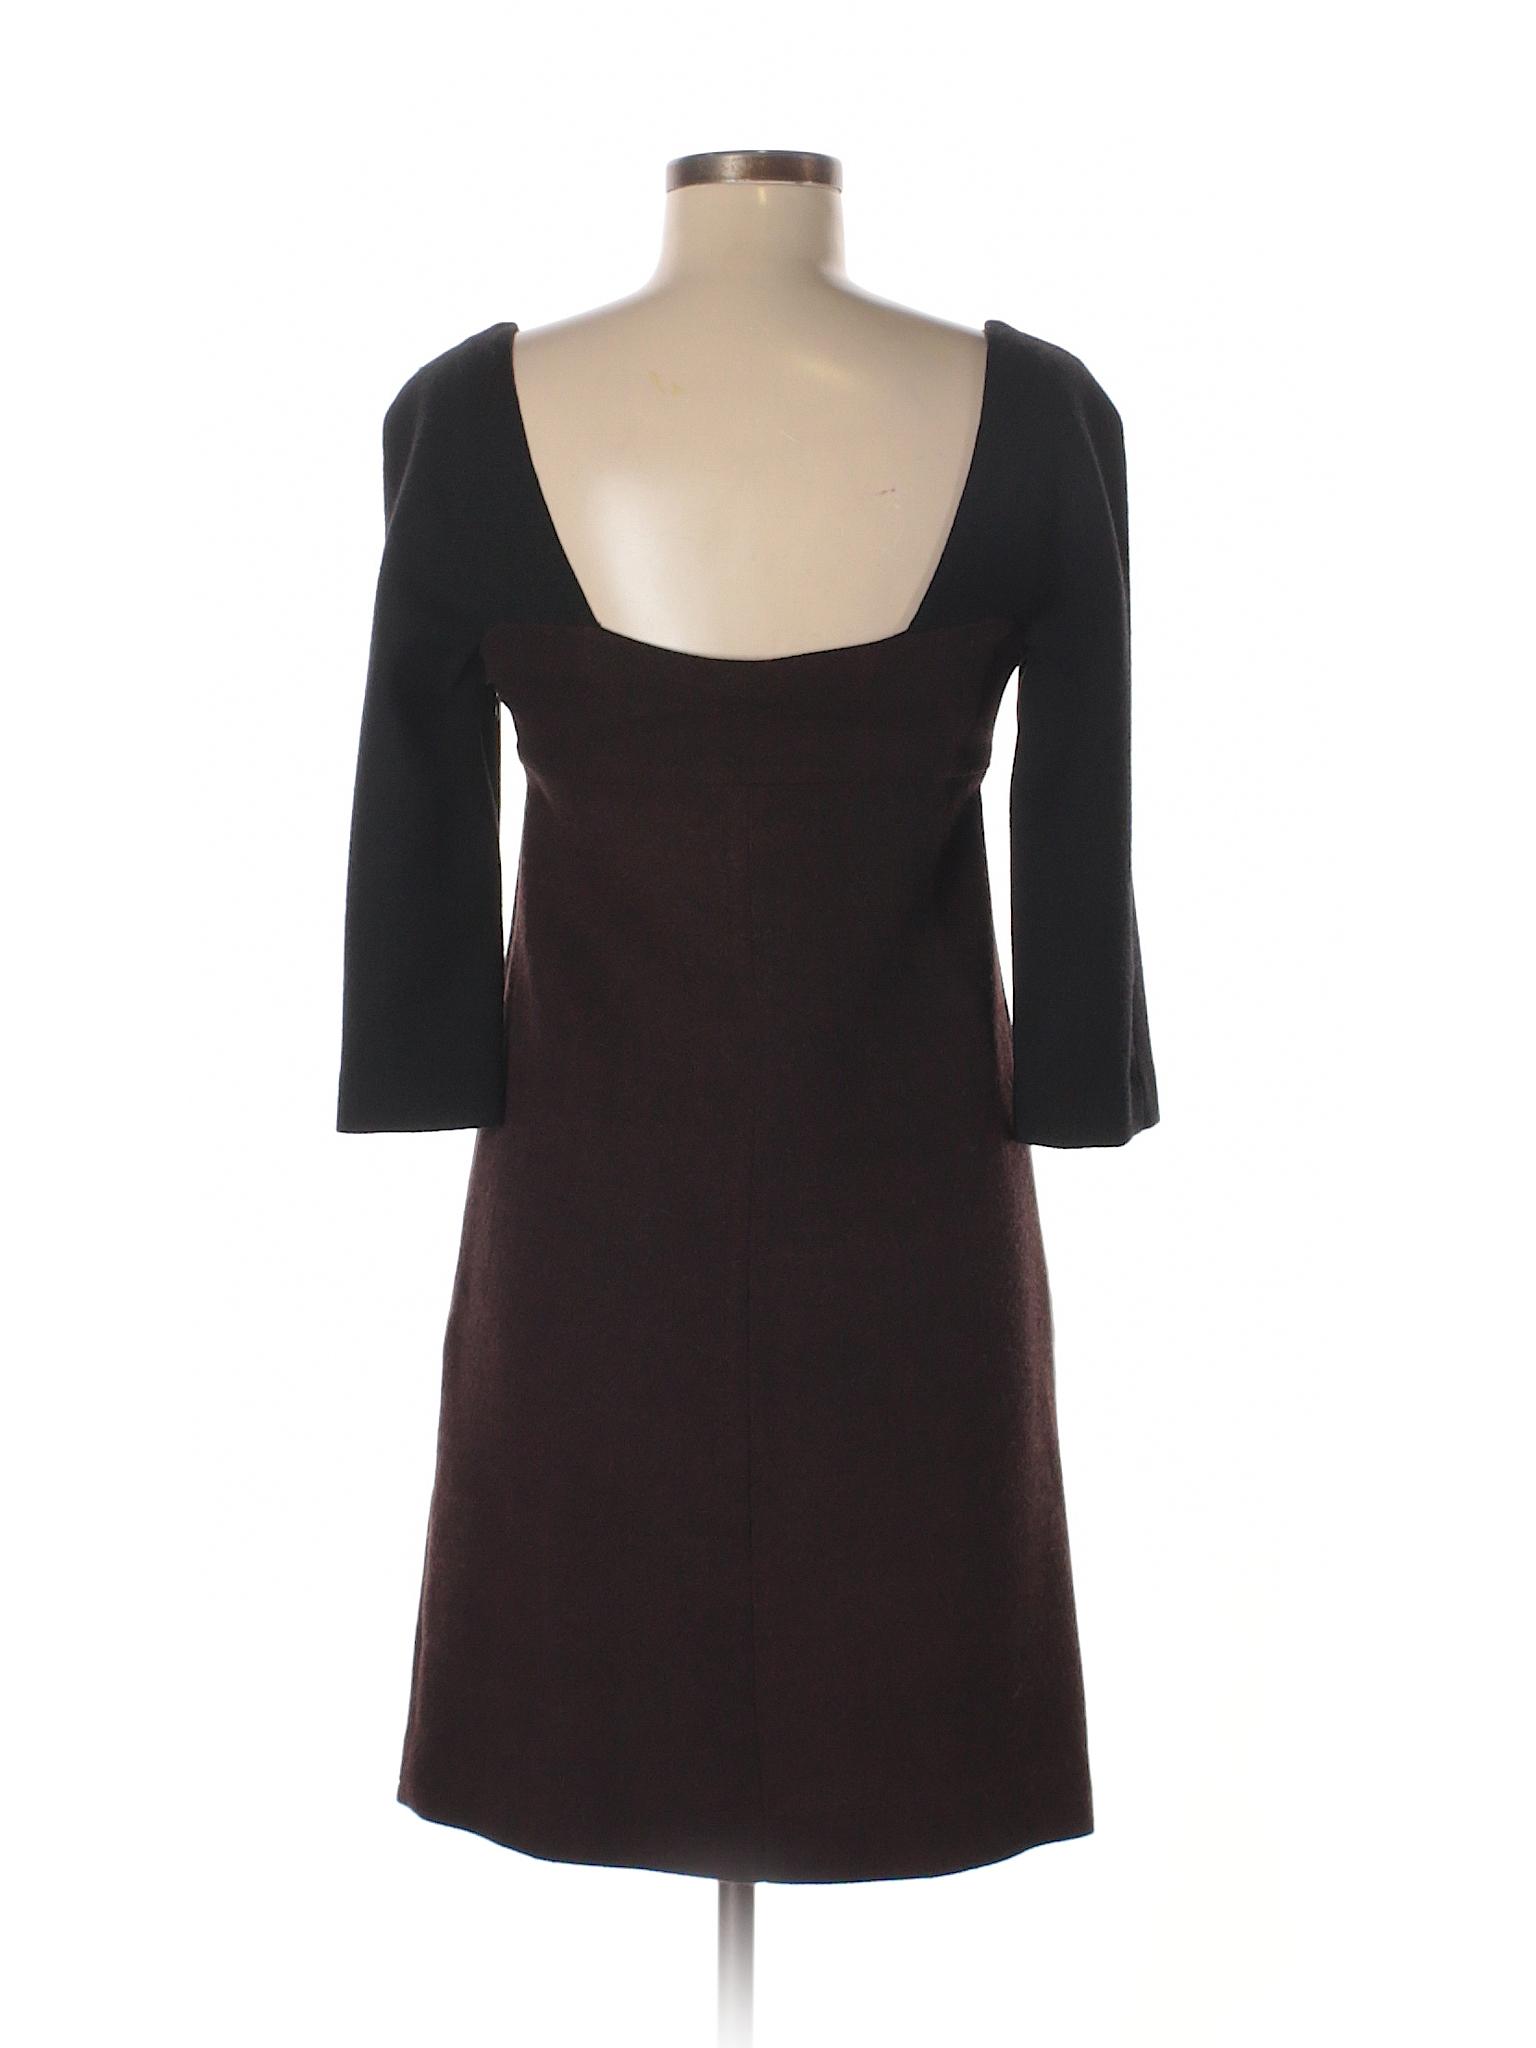 Couture winter Dress Versace Cocktail Jeans Boutique wgHqSpx4p